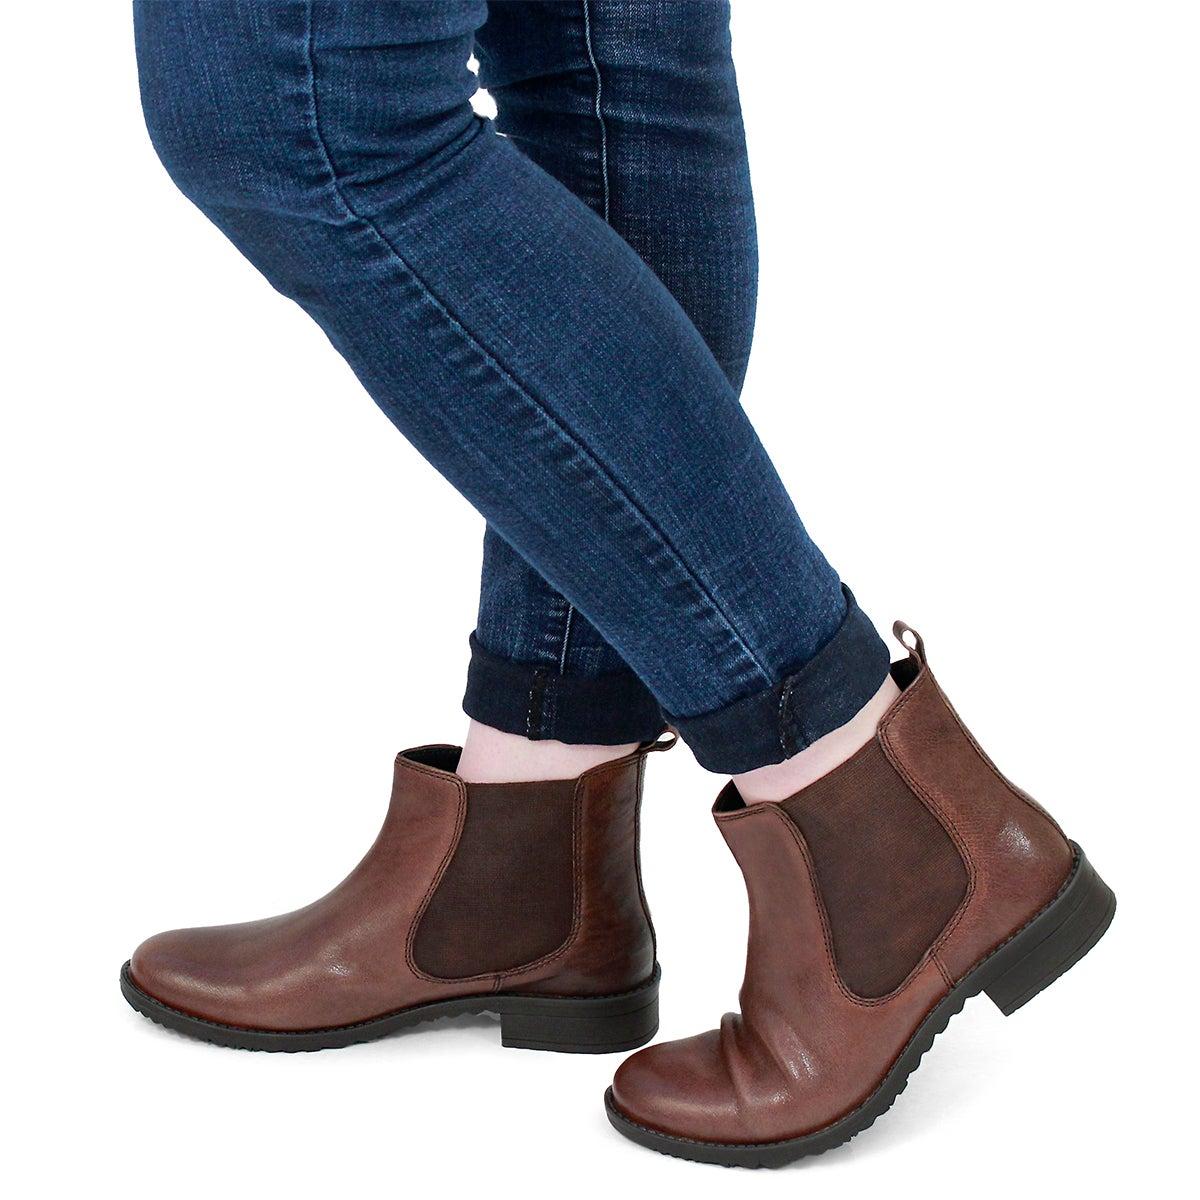 Lds Darilyn cognac chelsea boot